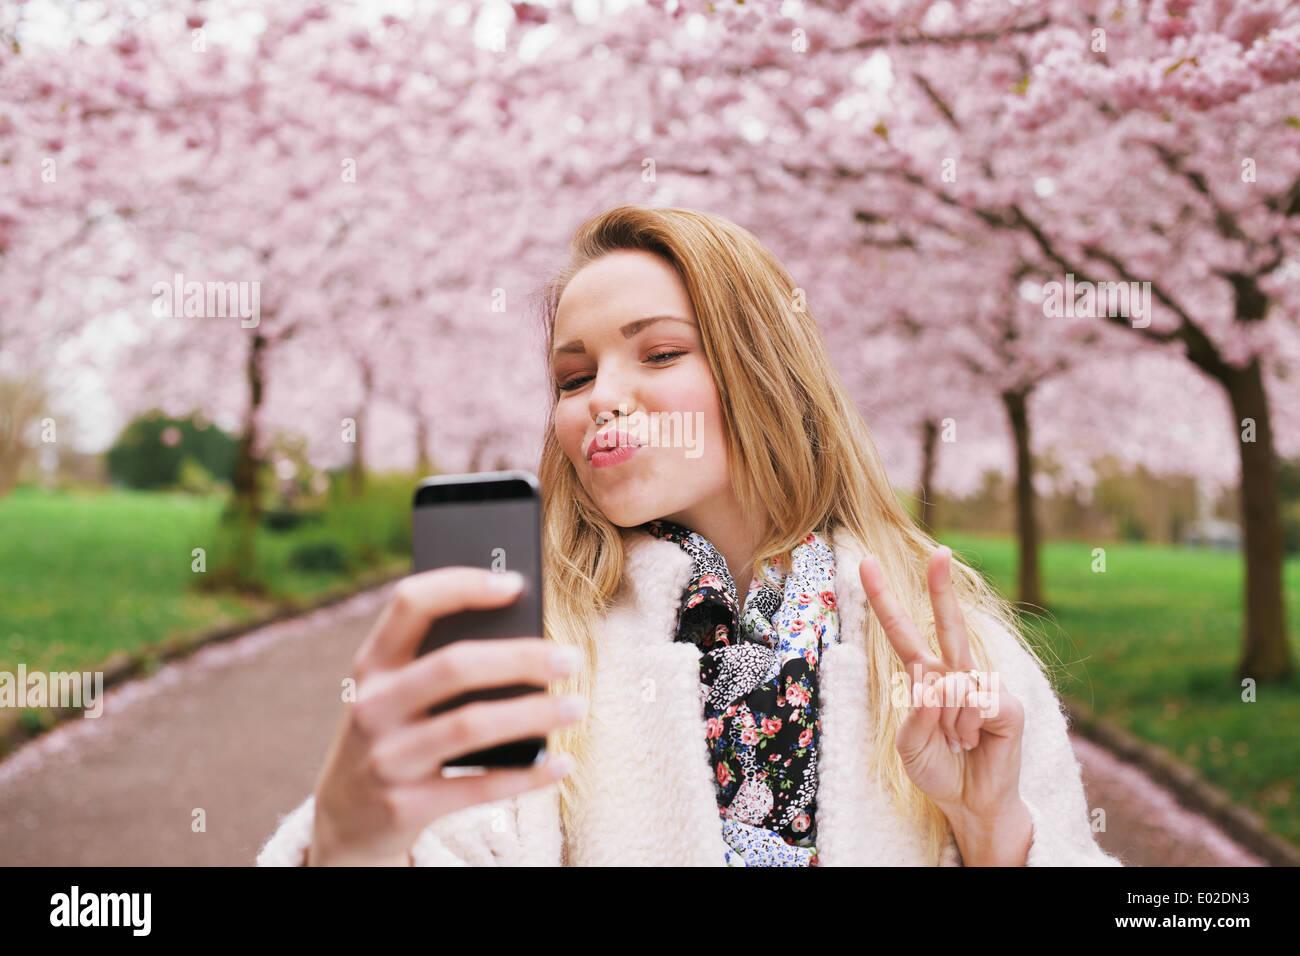 Attraente giovane donna in posa per selfie. Bellissima femmina a molla blossom park tenendo autoritratto con il telefono cellulare. Immagini Stock